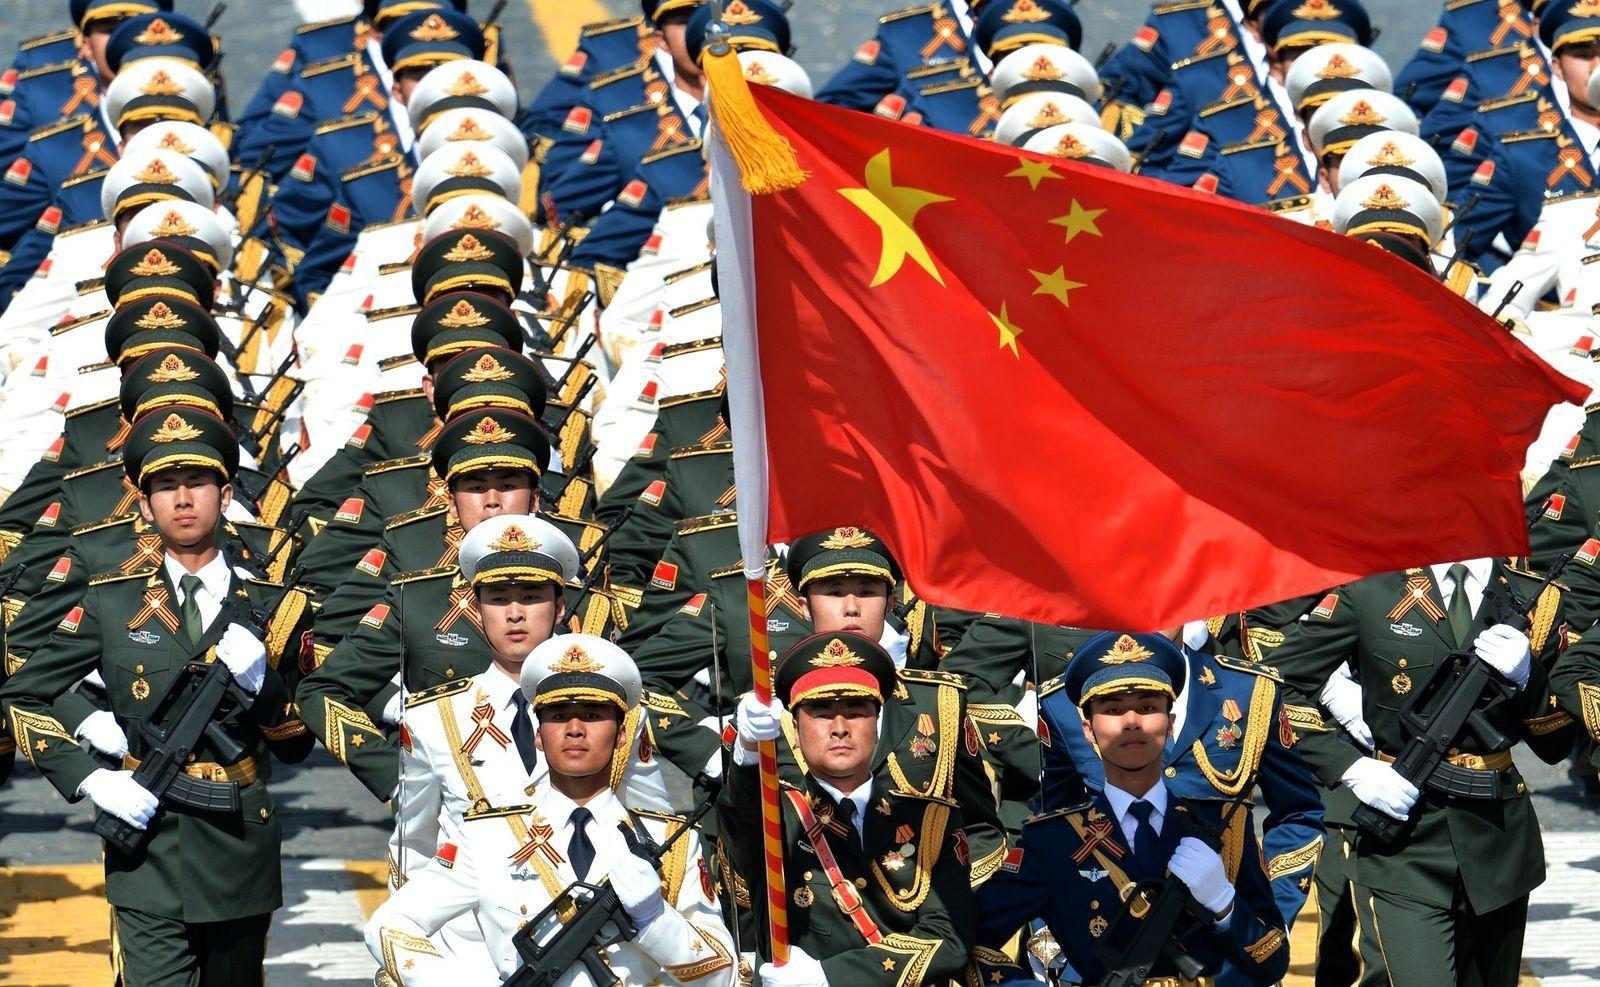 中國人民解放軍閱兵儀式。圖片來源:克里姆林宮 CC BY 3.0